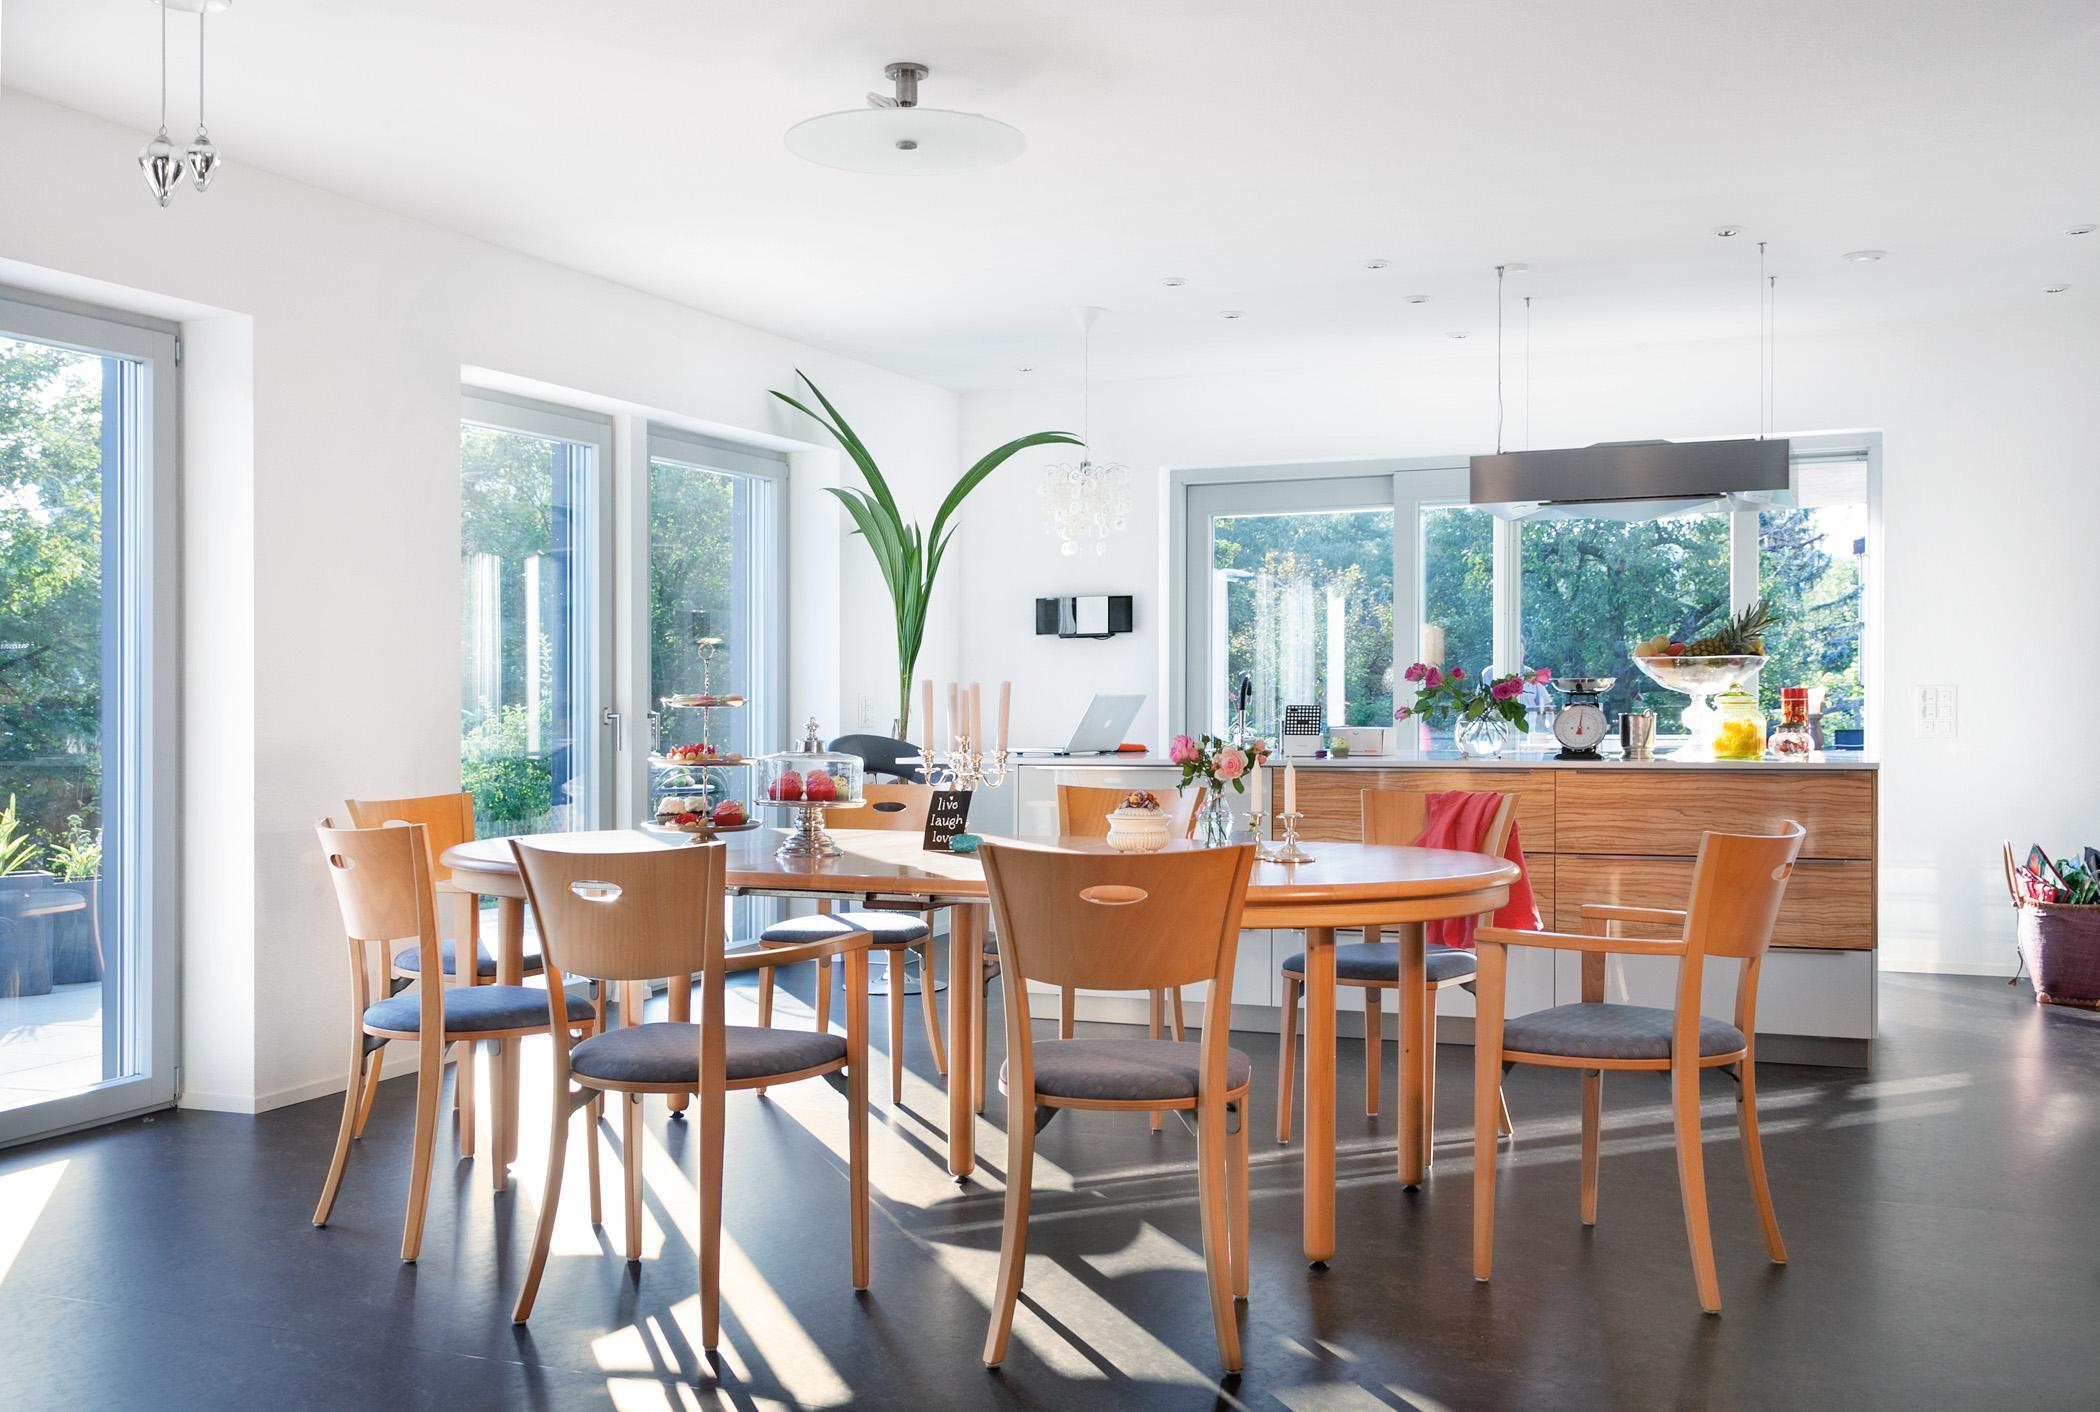 Großer Holztisch Im Esszimmer #küche #esstisch #sideboard #lampe  #bodentiefefenster ©SchwörerHaus